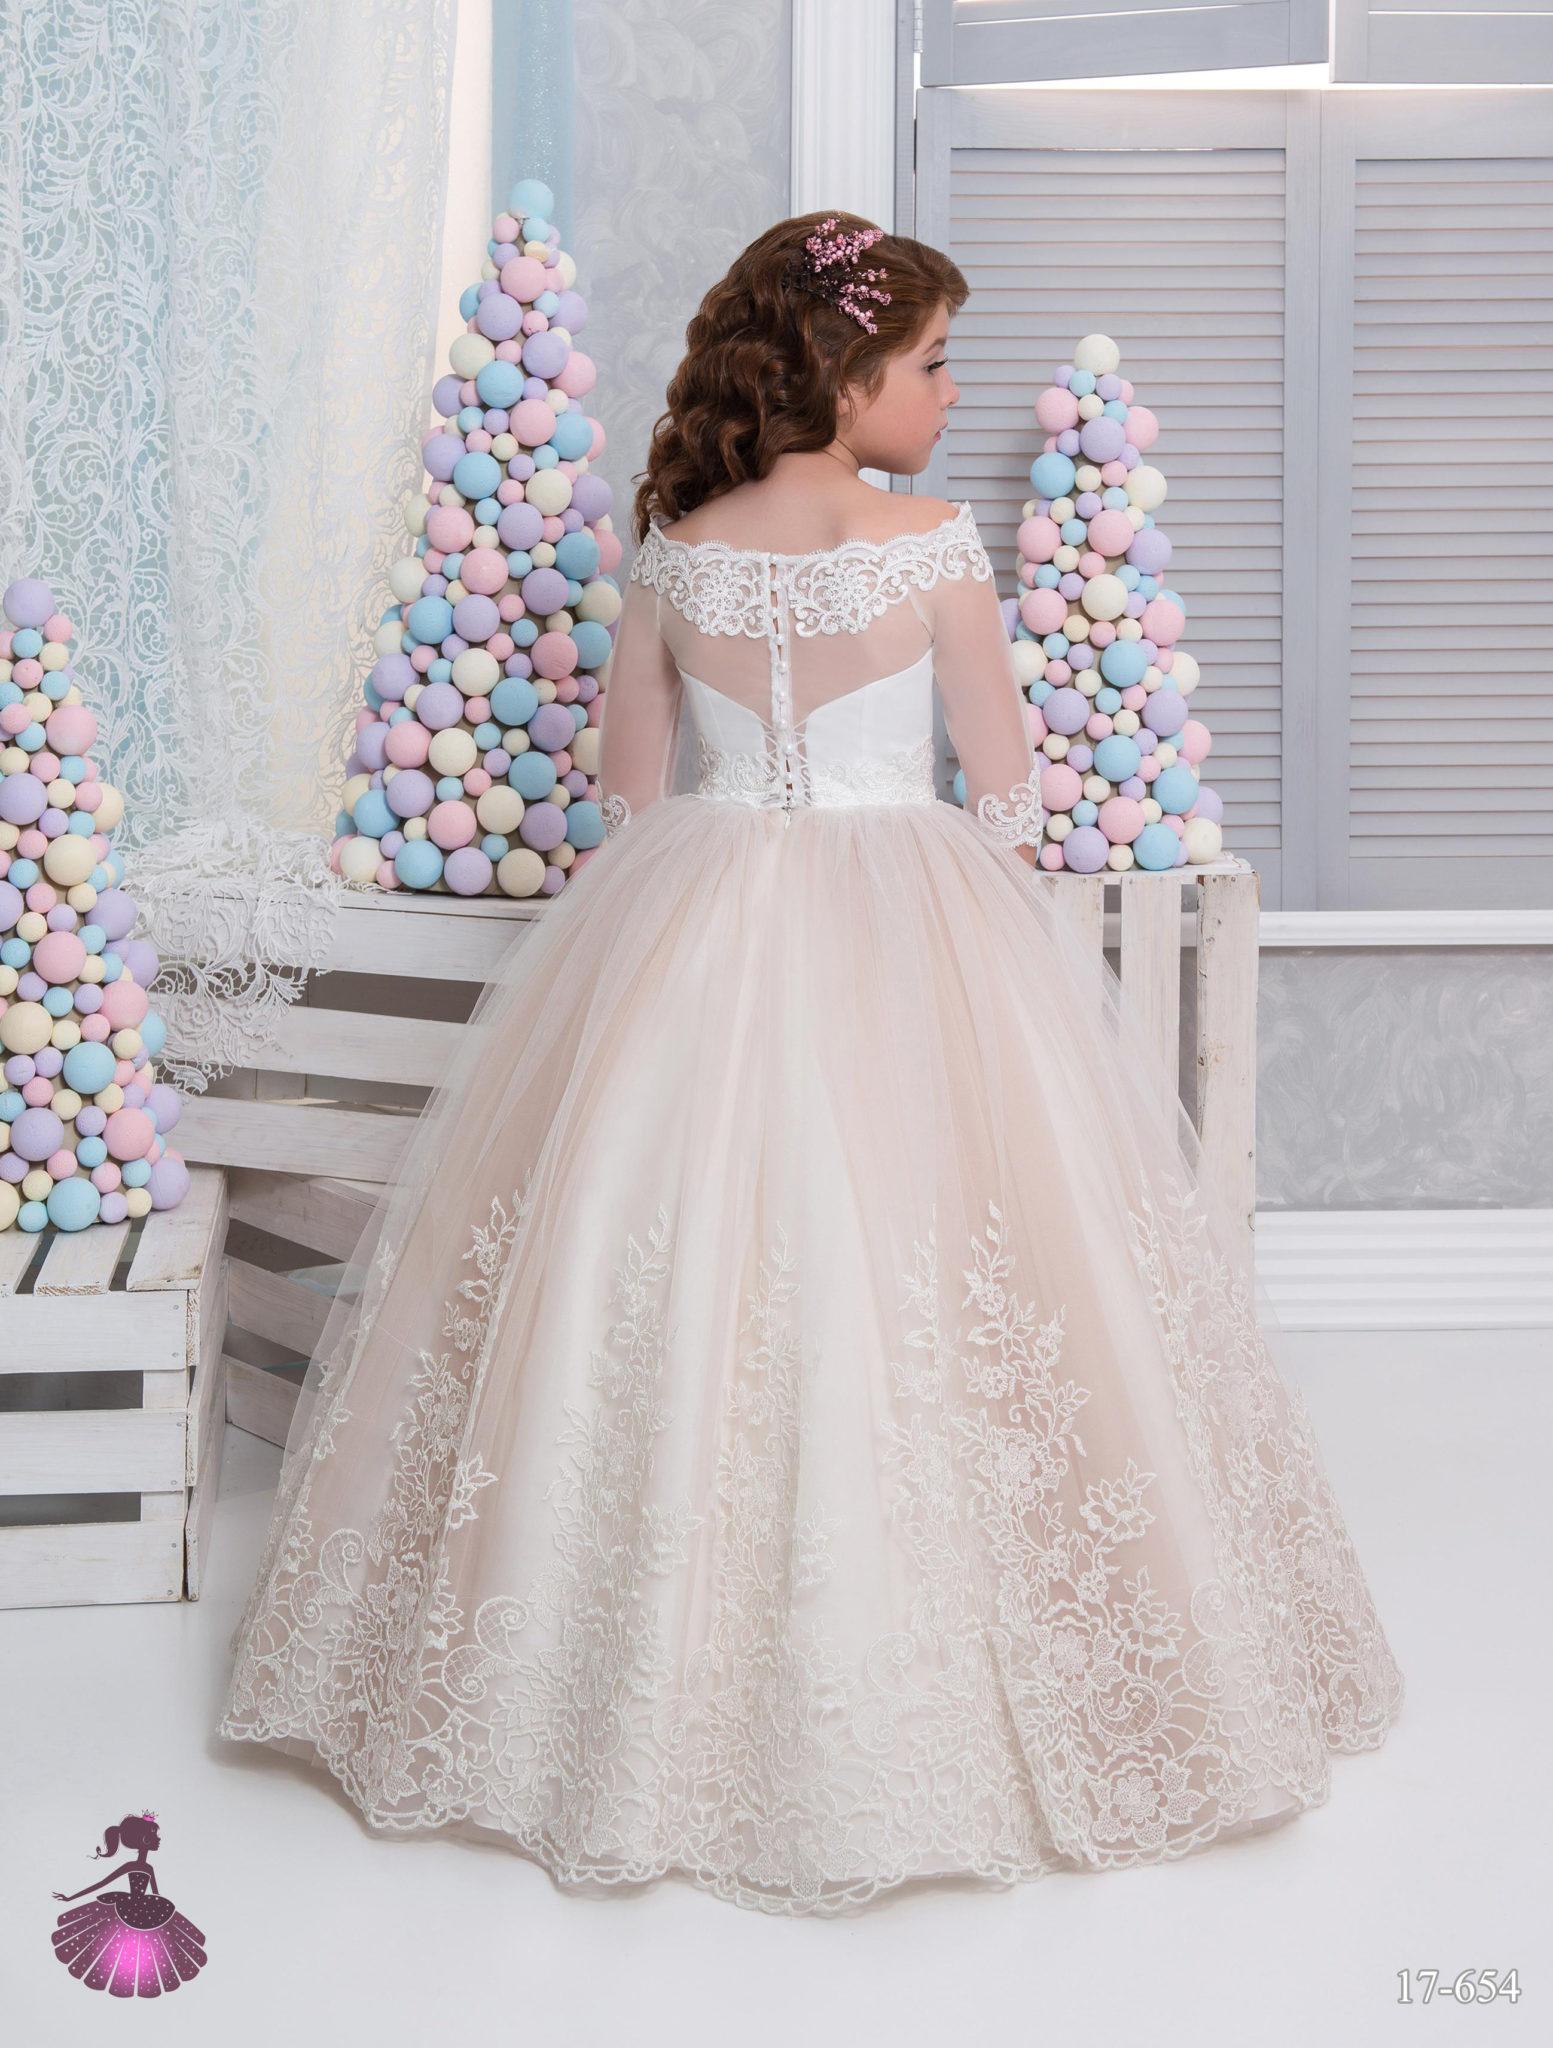 Аренда платьев Little queen dress в фотостудии Frontpage 17-654 3